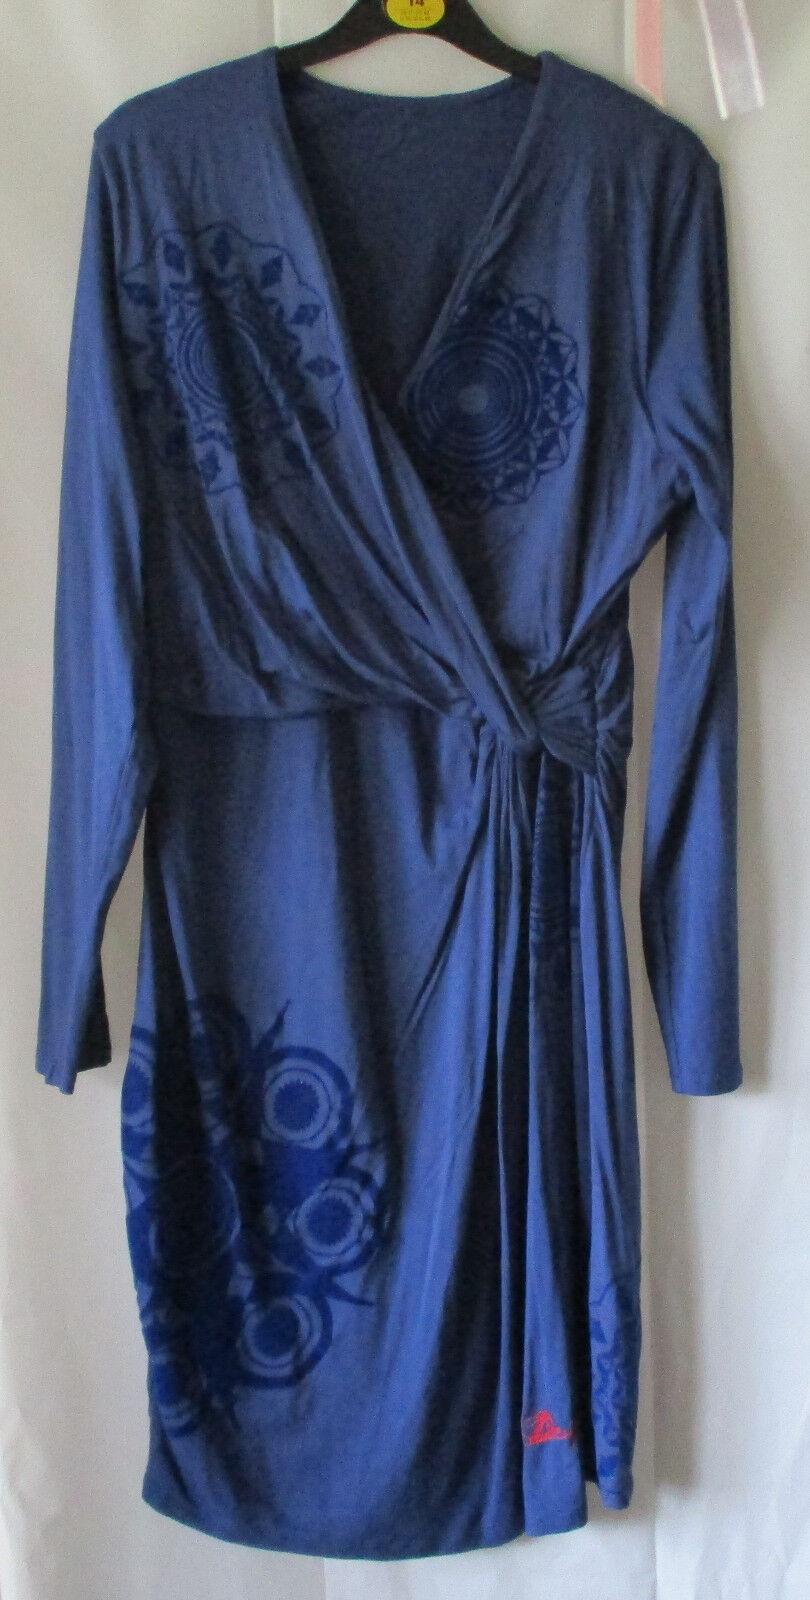 Desigual Kleid blau mit blauem Print, Gr. XL, ungetragen